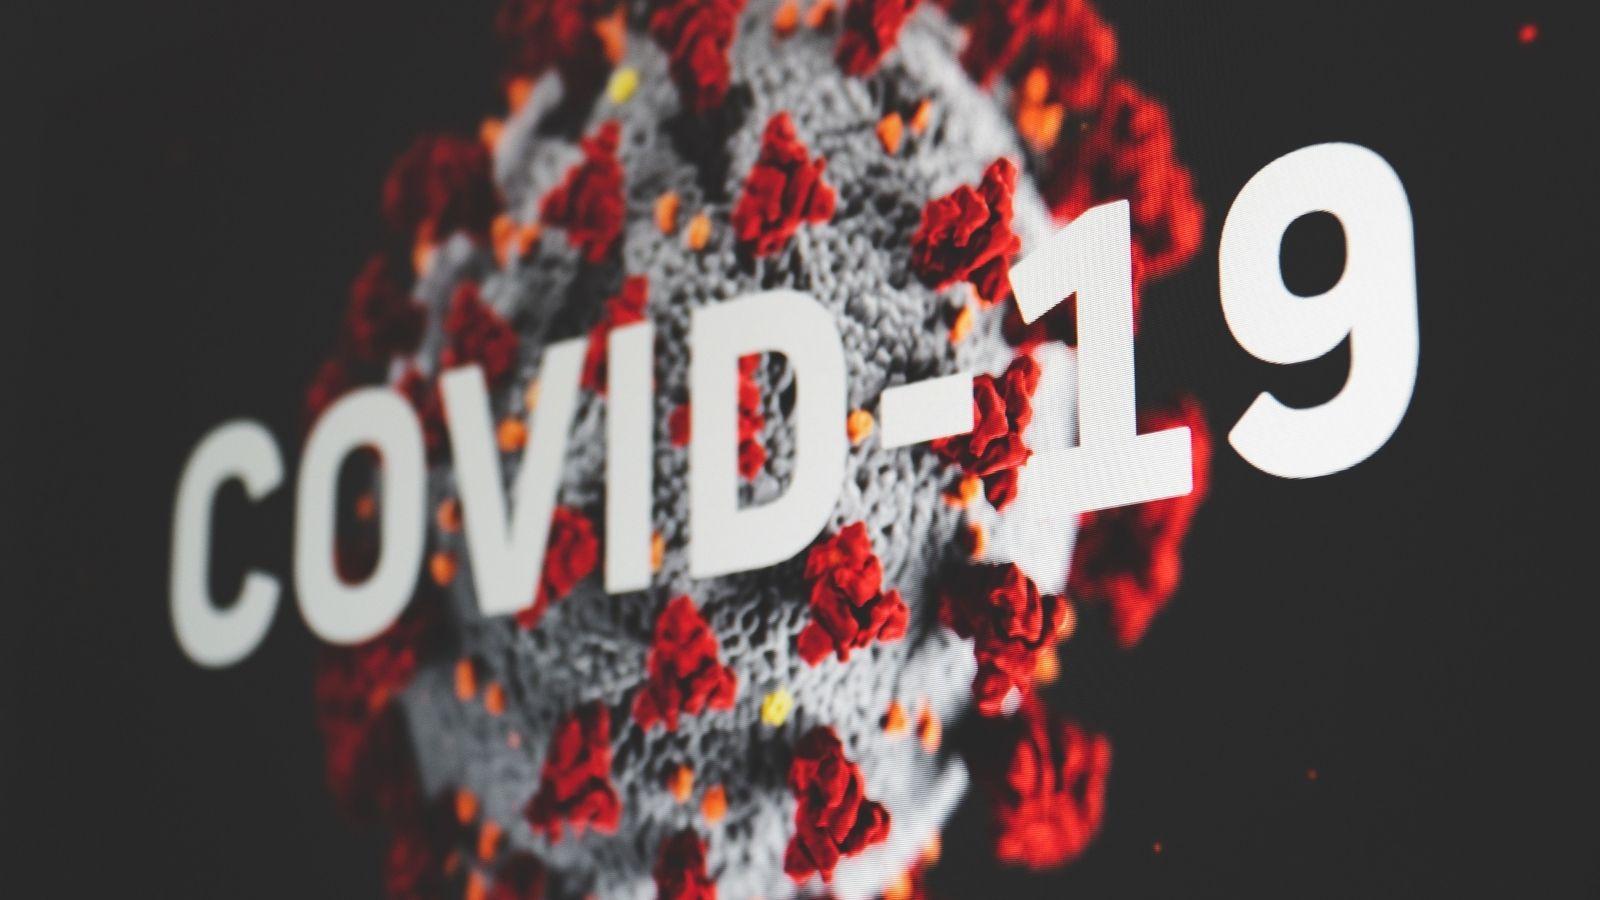 Ponad połowa firm zrezygnowała z inwestycji z uwagi na pandemię! [RAPORT] Badania mediarun covid 19 picture